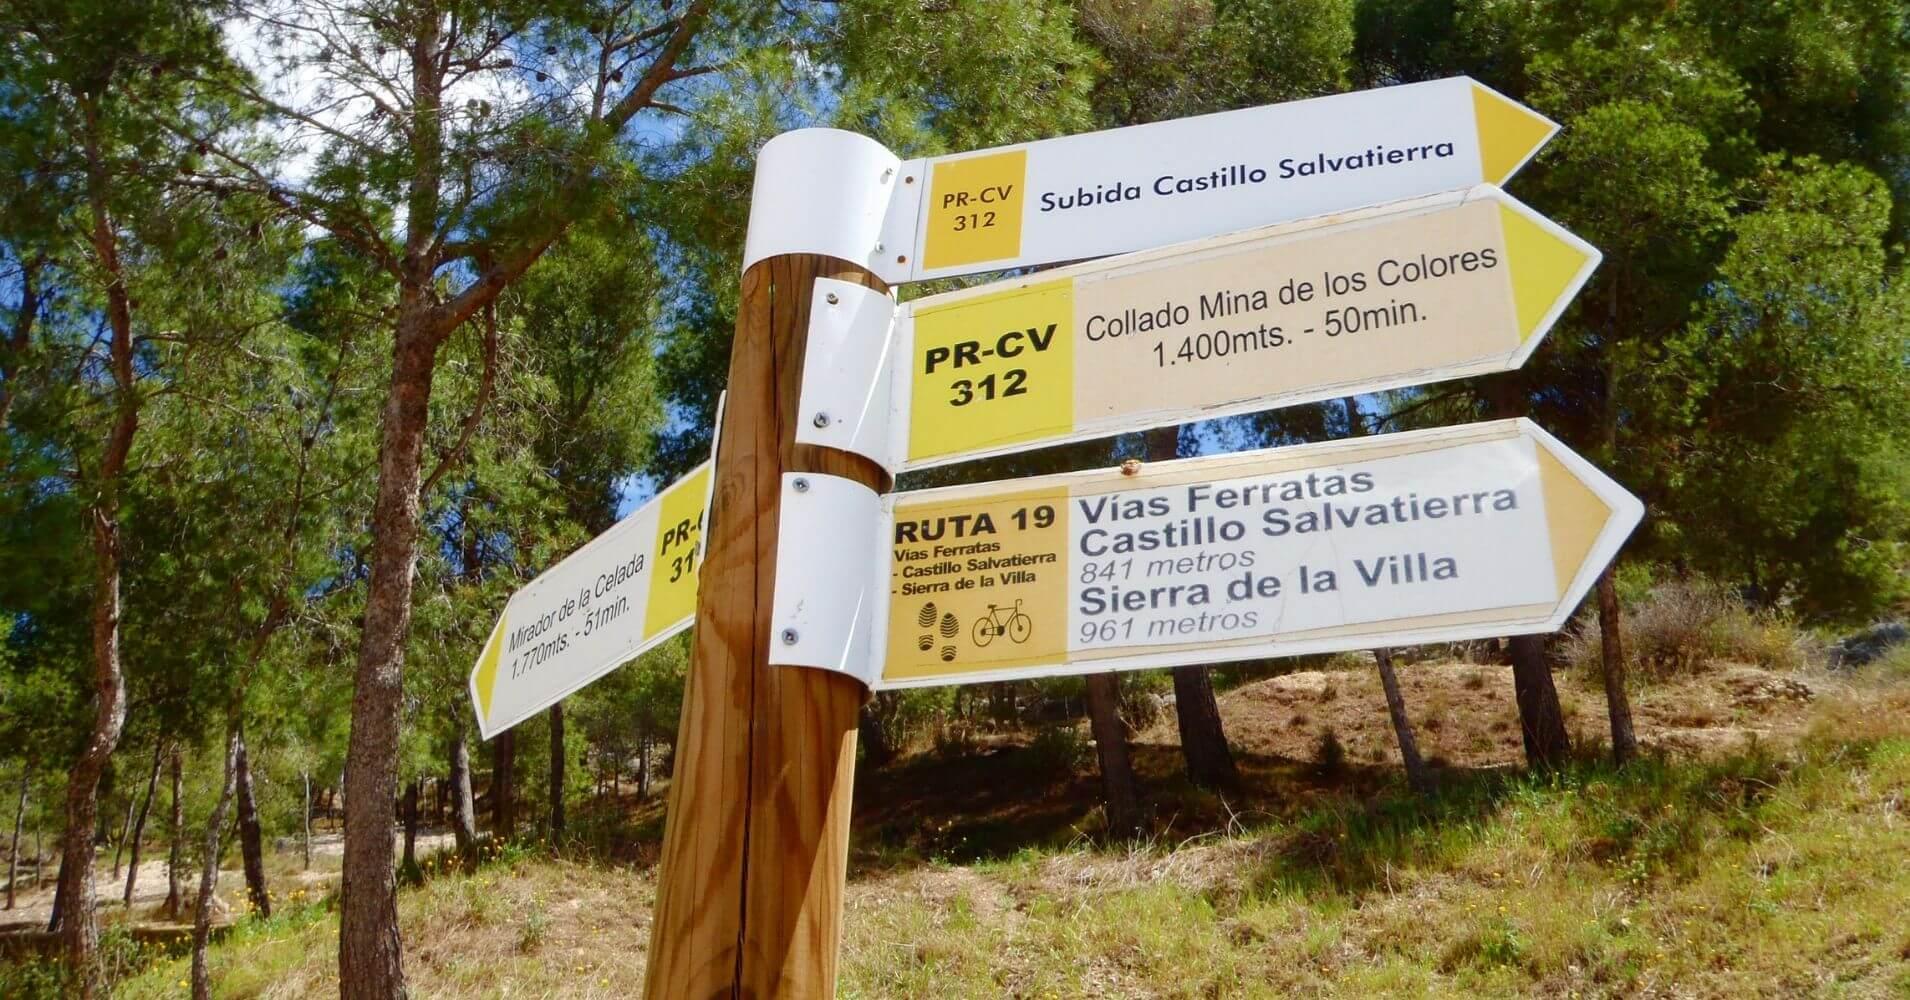 Poste de Direcciones Vía Ferrata de Villena, Alicante. Comunidad Valenciana.